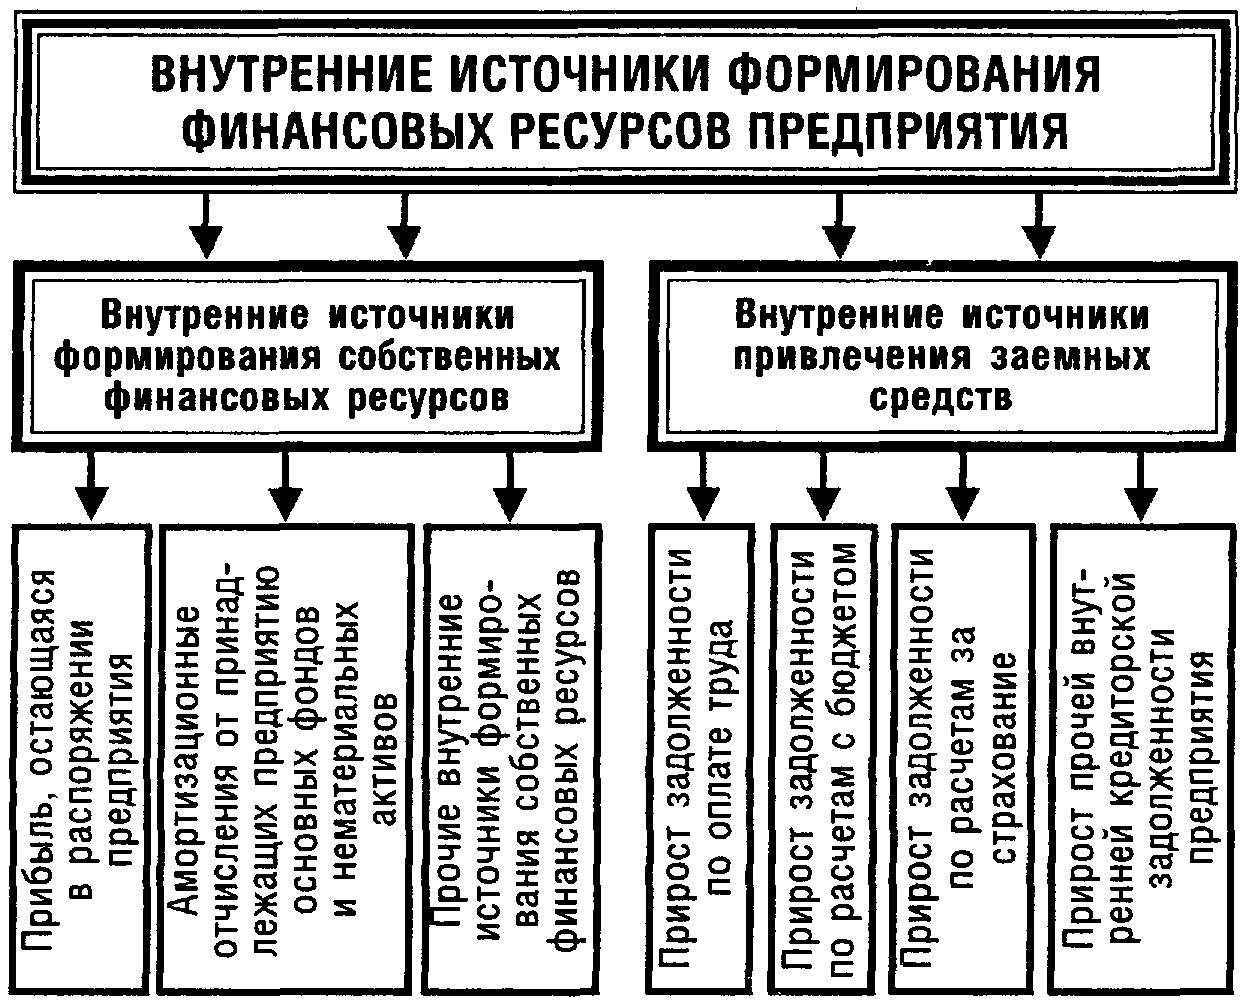 Презентация финансовые ресурсы предприятия